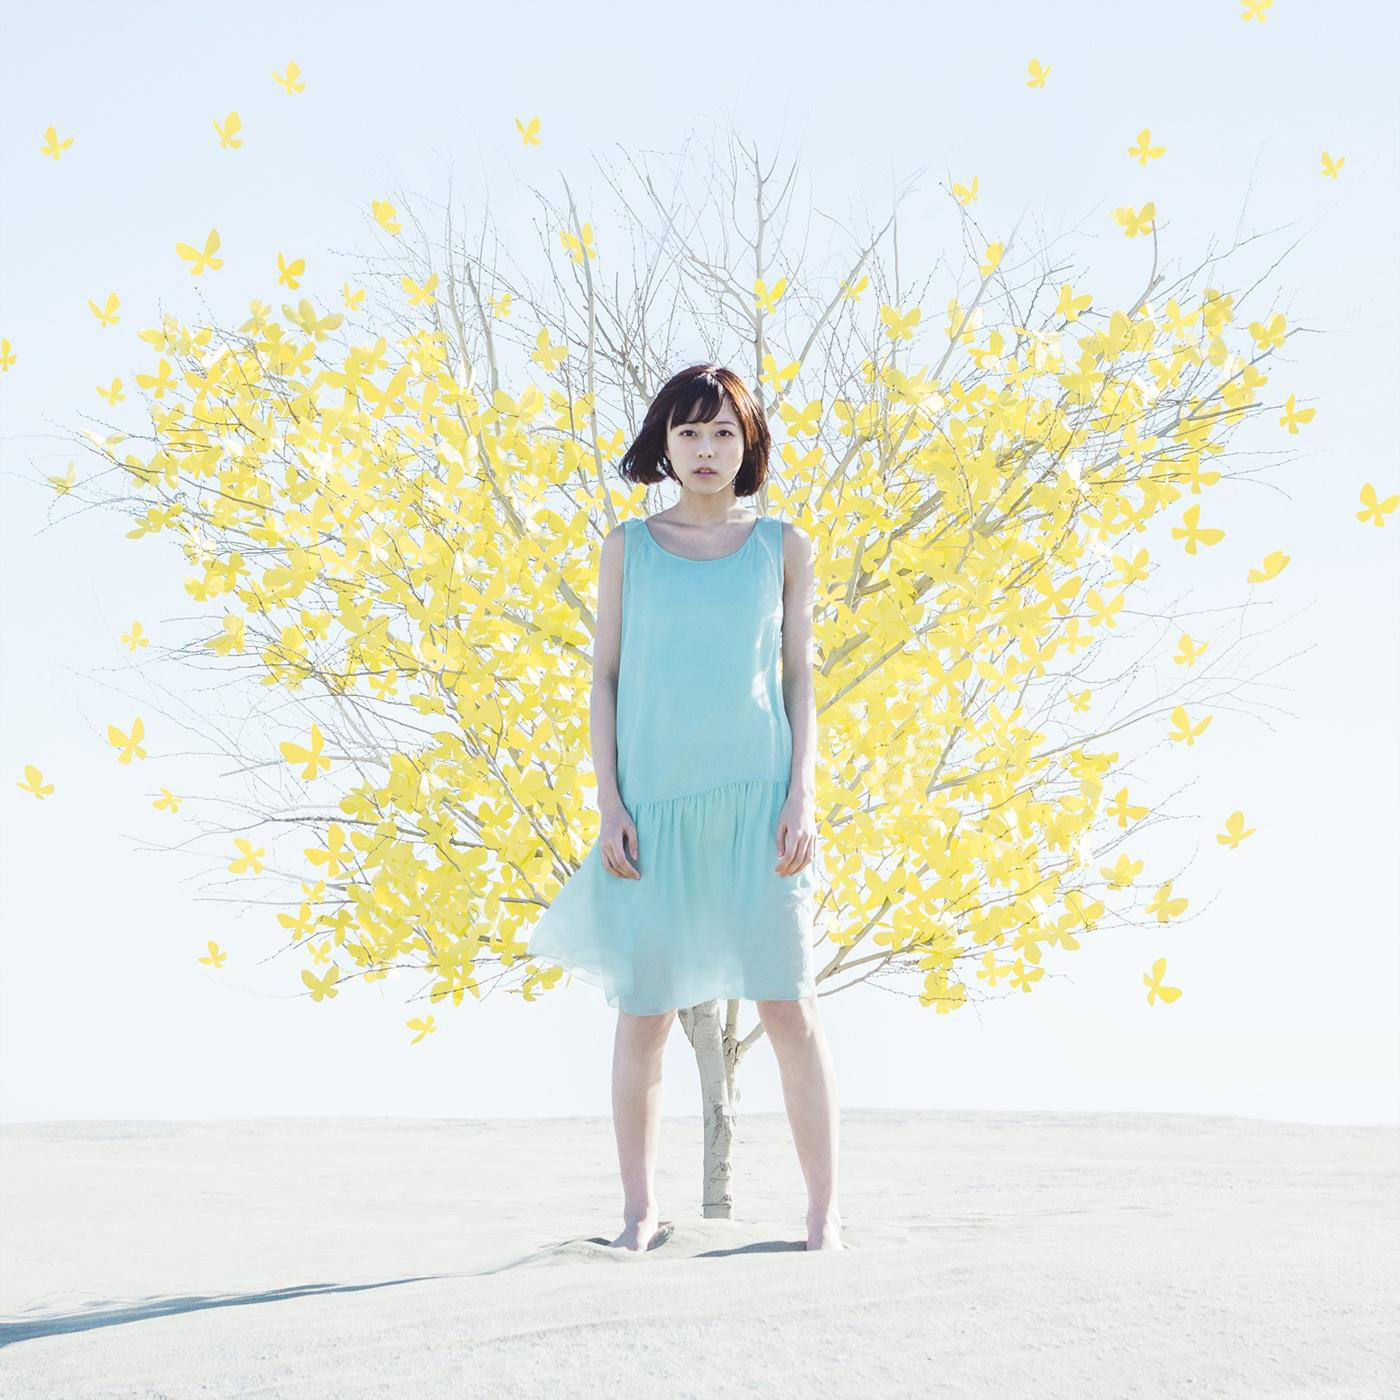 春空-水瀬いのり – (水瀨祈)